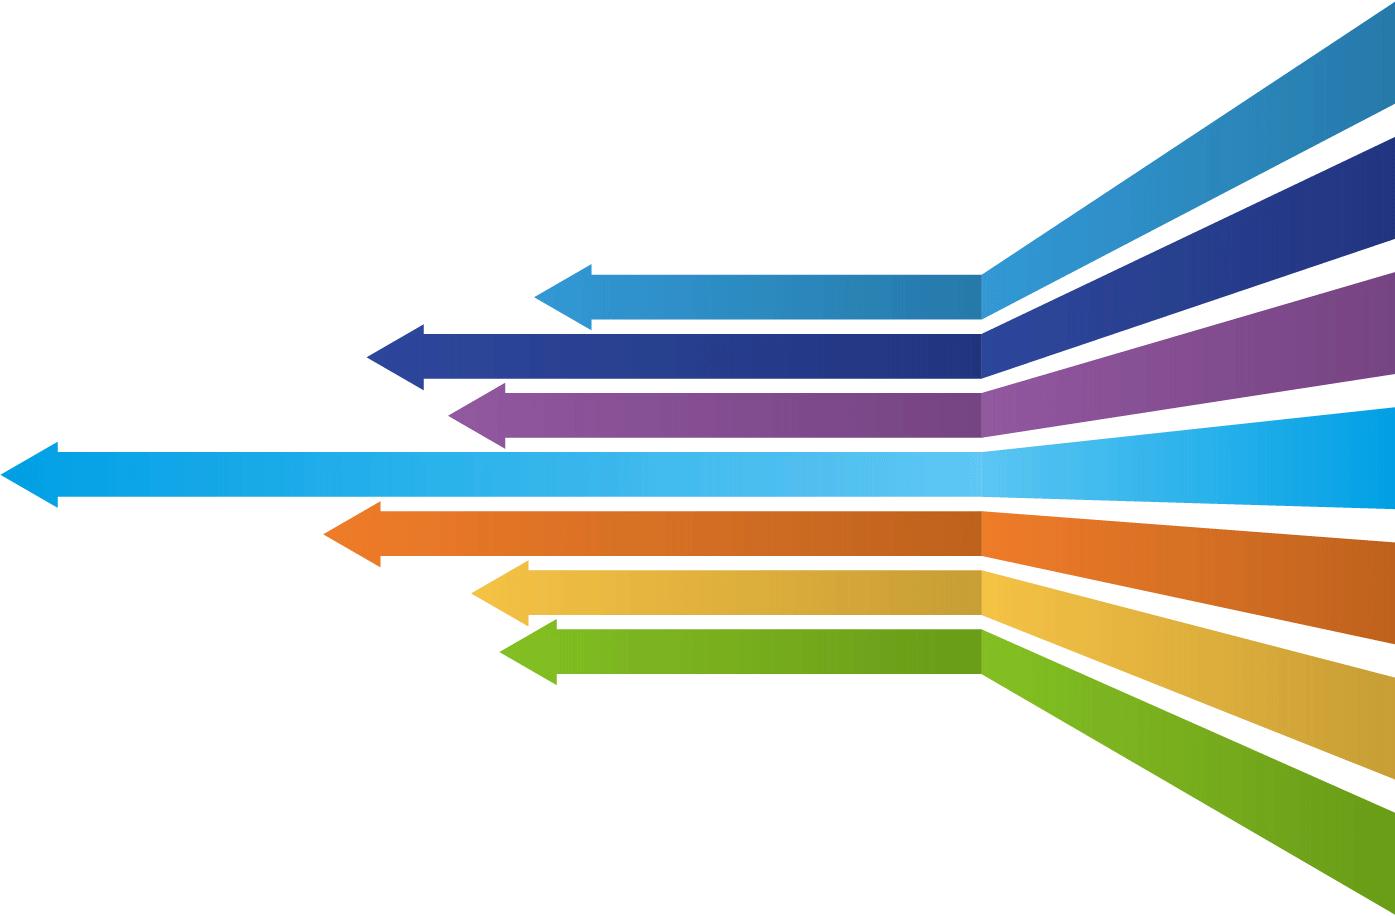 Initiatives arrows